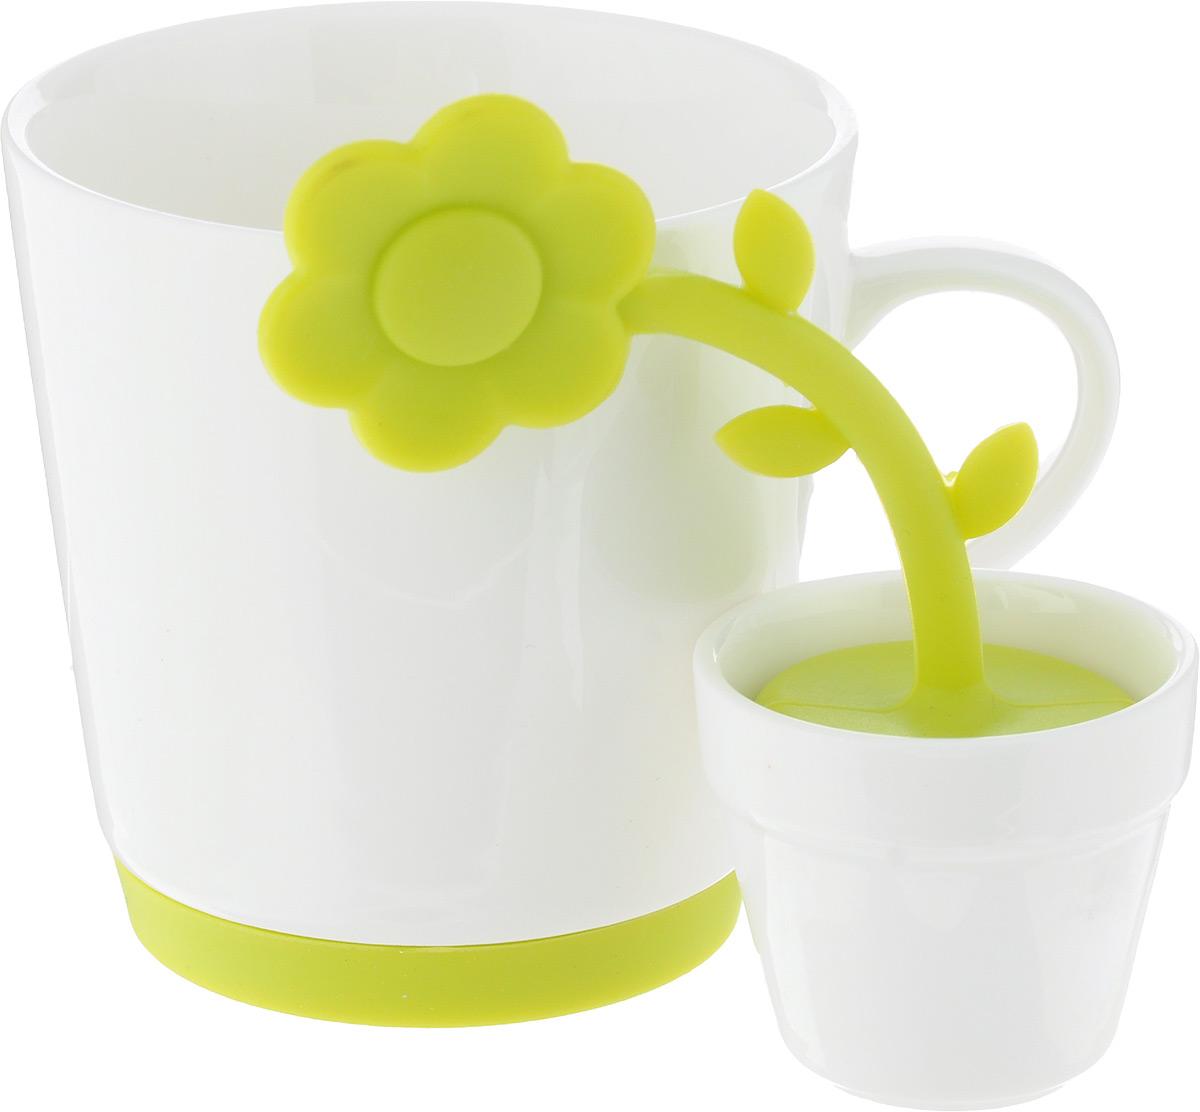 Набор для чая Oursson, 2 предметаTW89536/GAНабор для чая Oursson, состоящий из чашки и ситечка – «яркое» наслаждение любимым напитком! Как приятно пить чай из красивой и необычной чашки. Ведь оригинальная посуда никого не оставит равнодушным и поднимет настроение.Чашка изготовлена из керамики. Керамика хорошо распределяет тепло и выдерживает высокие температуры, а цветная силиконовая вставка на дне кружки не позволит ей скользить по столу.Яркое ситечко для заваривания чая, изготовленное из высококачественногопищевого силикона, поможет быстро и вкусно заварить чашку натурального чая. Ситечко выполнено в виде цветка, и имеет подставку в виде горшка изготовленного из керамики.Просто наполните цветок заваркой и погрузите в чашку, через несколько минут выполучите вкусный ароматный чай.Такой необычный набор разнообразит привычное чаепитие, порадует гостей. Обычное заваривание чая превратится в увлекательный процесс.Диаметр кружки (по верхнему краю): 8,3 см, Высота стенки кружки: 8,5 см, Объем чашки: 250 мл, Размер ситечка: 4 х 4 х 12 см, Диаметр подставки для ситечка (по верхнему краю): 4,8 см, Высота подставки для ситечка: 4,3 см.